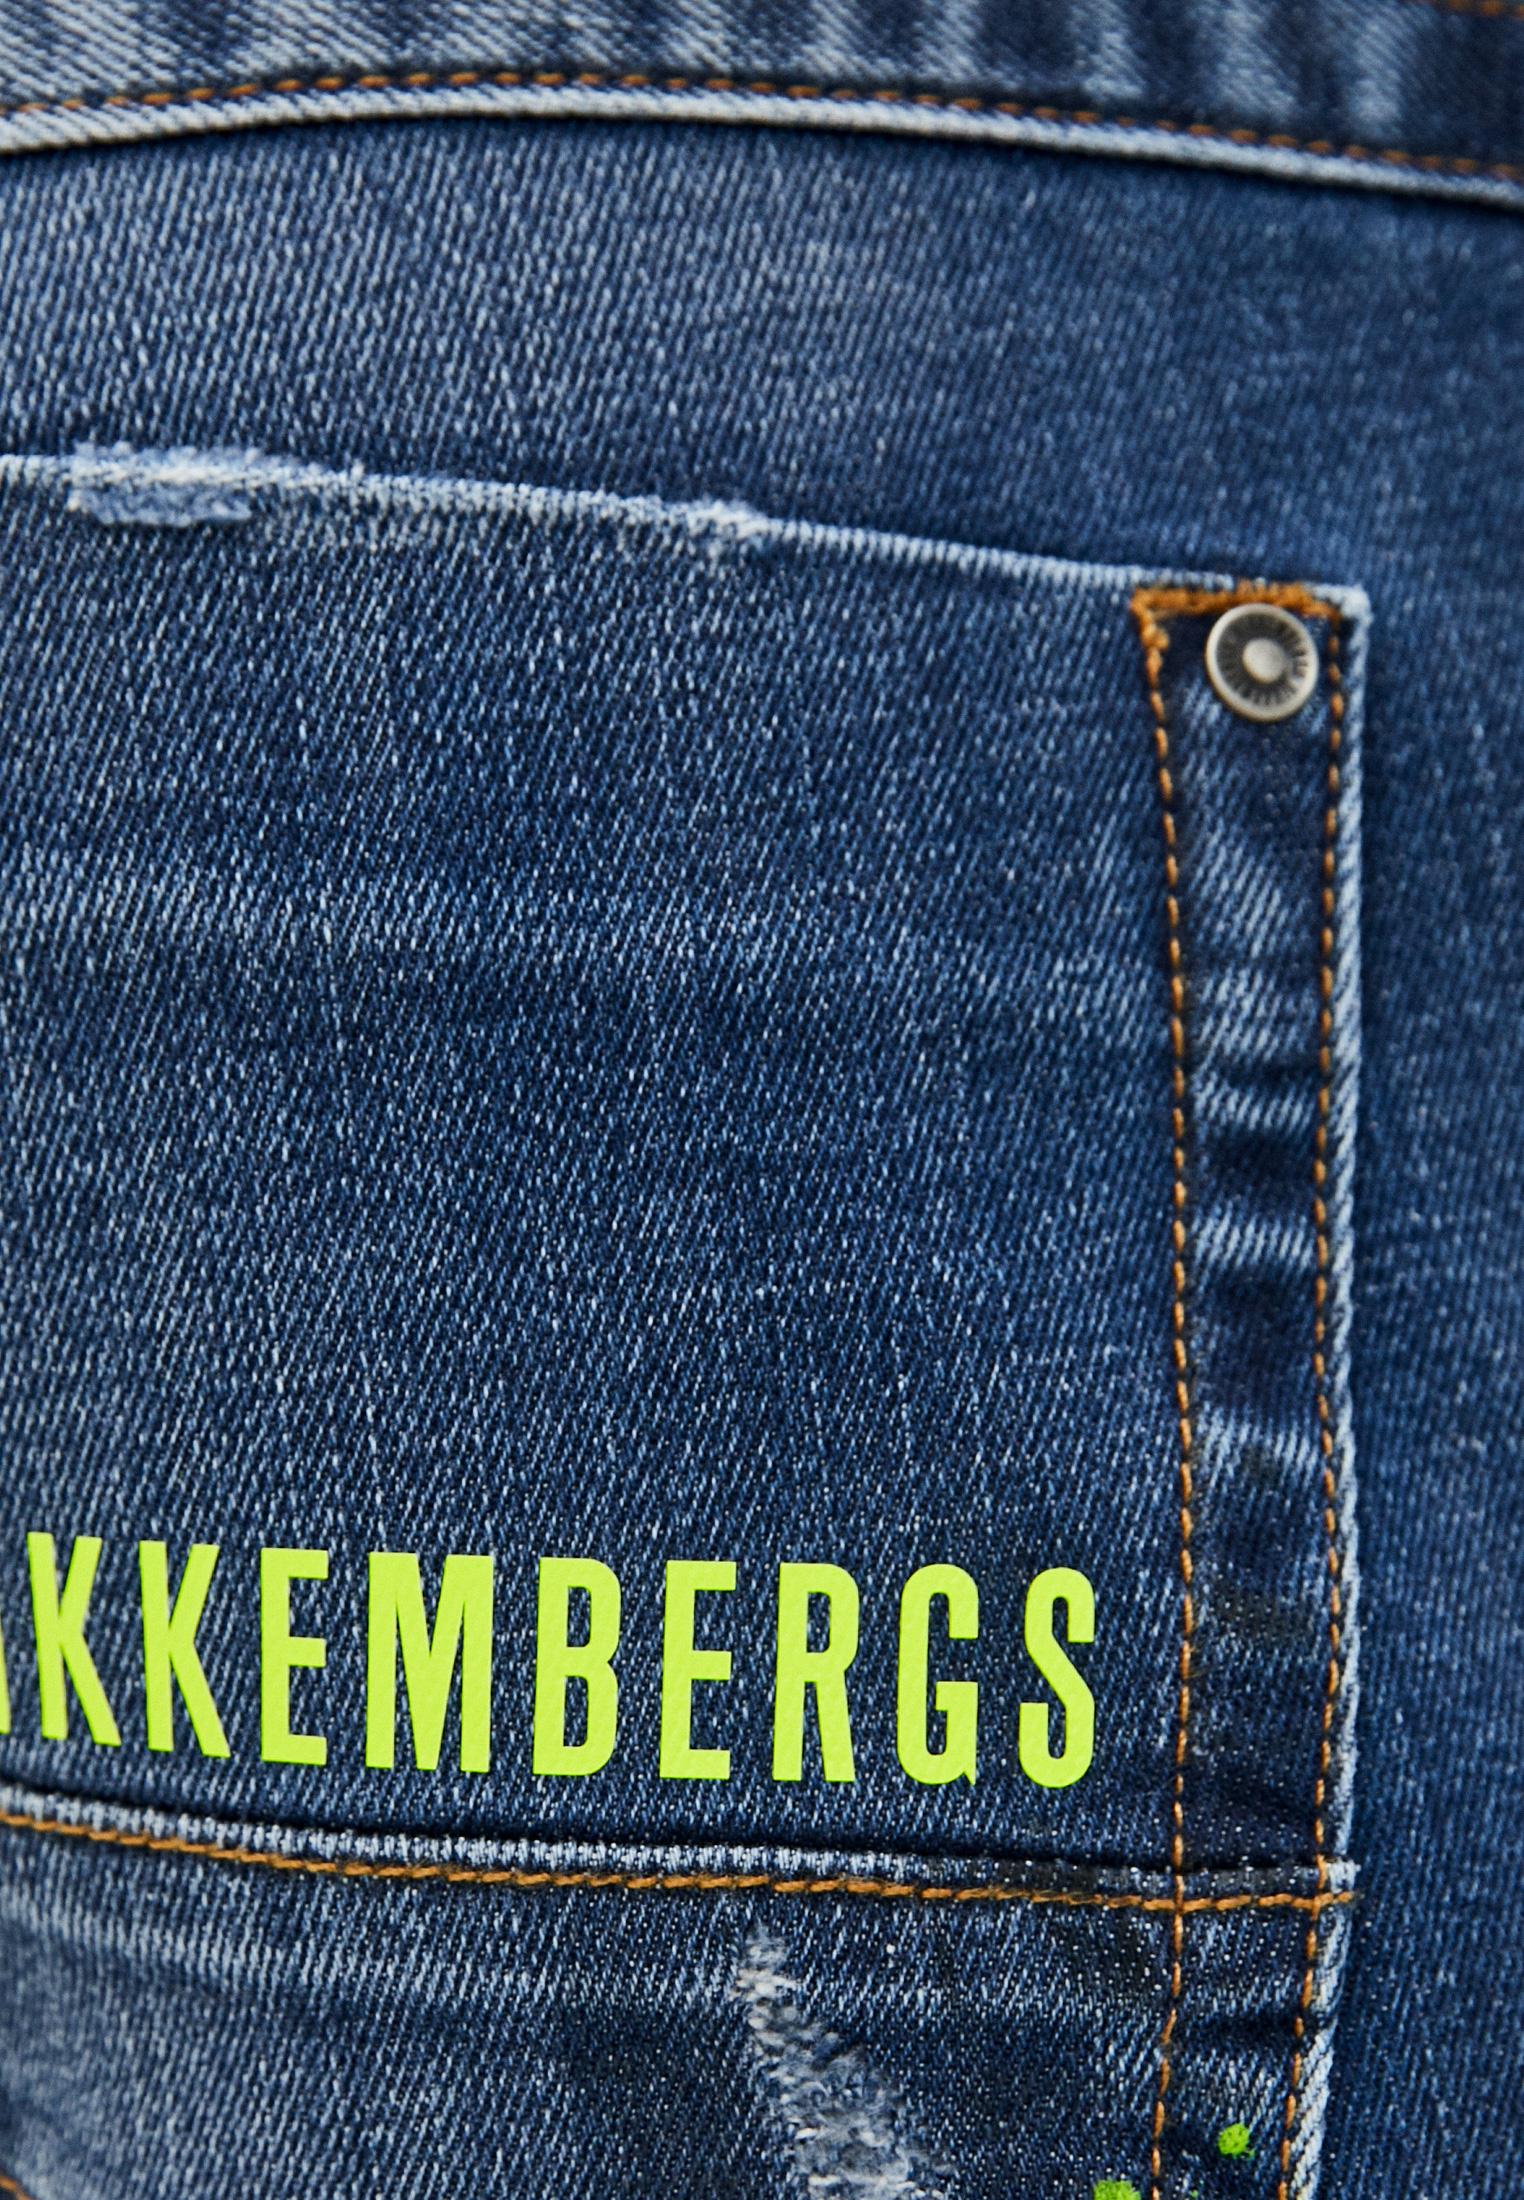 Мужские зауженные джинсы Bikkembergs (Биккембергс) C Q 101 09 S 3182: изображение 5